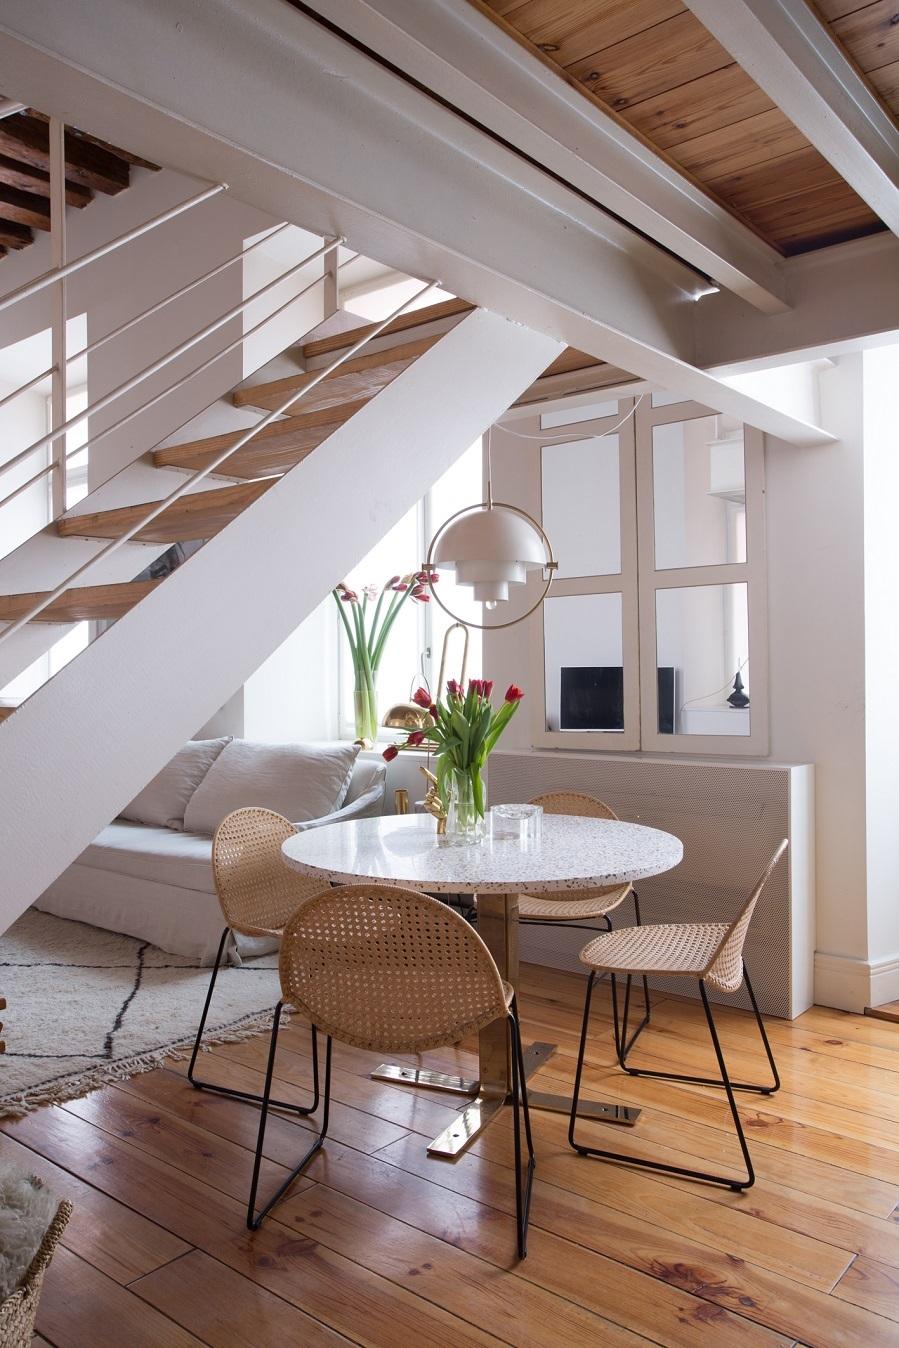 Sillas de Fell Good Design en el comedor y mesa redonda diseñada por...